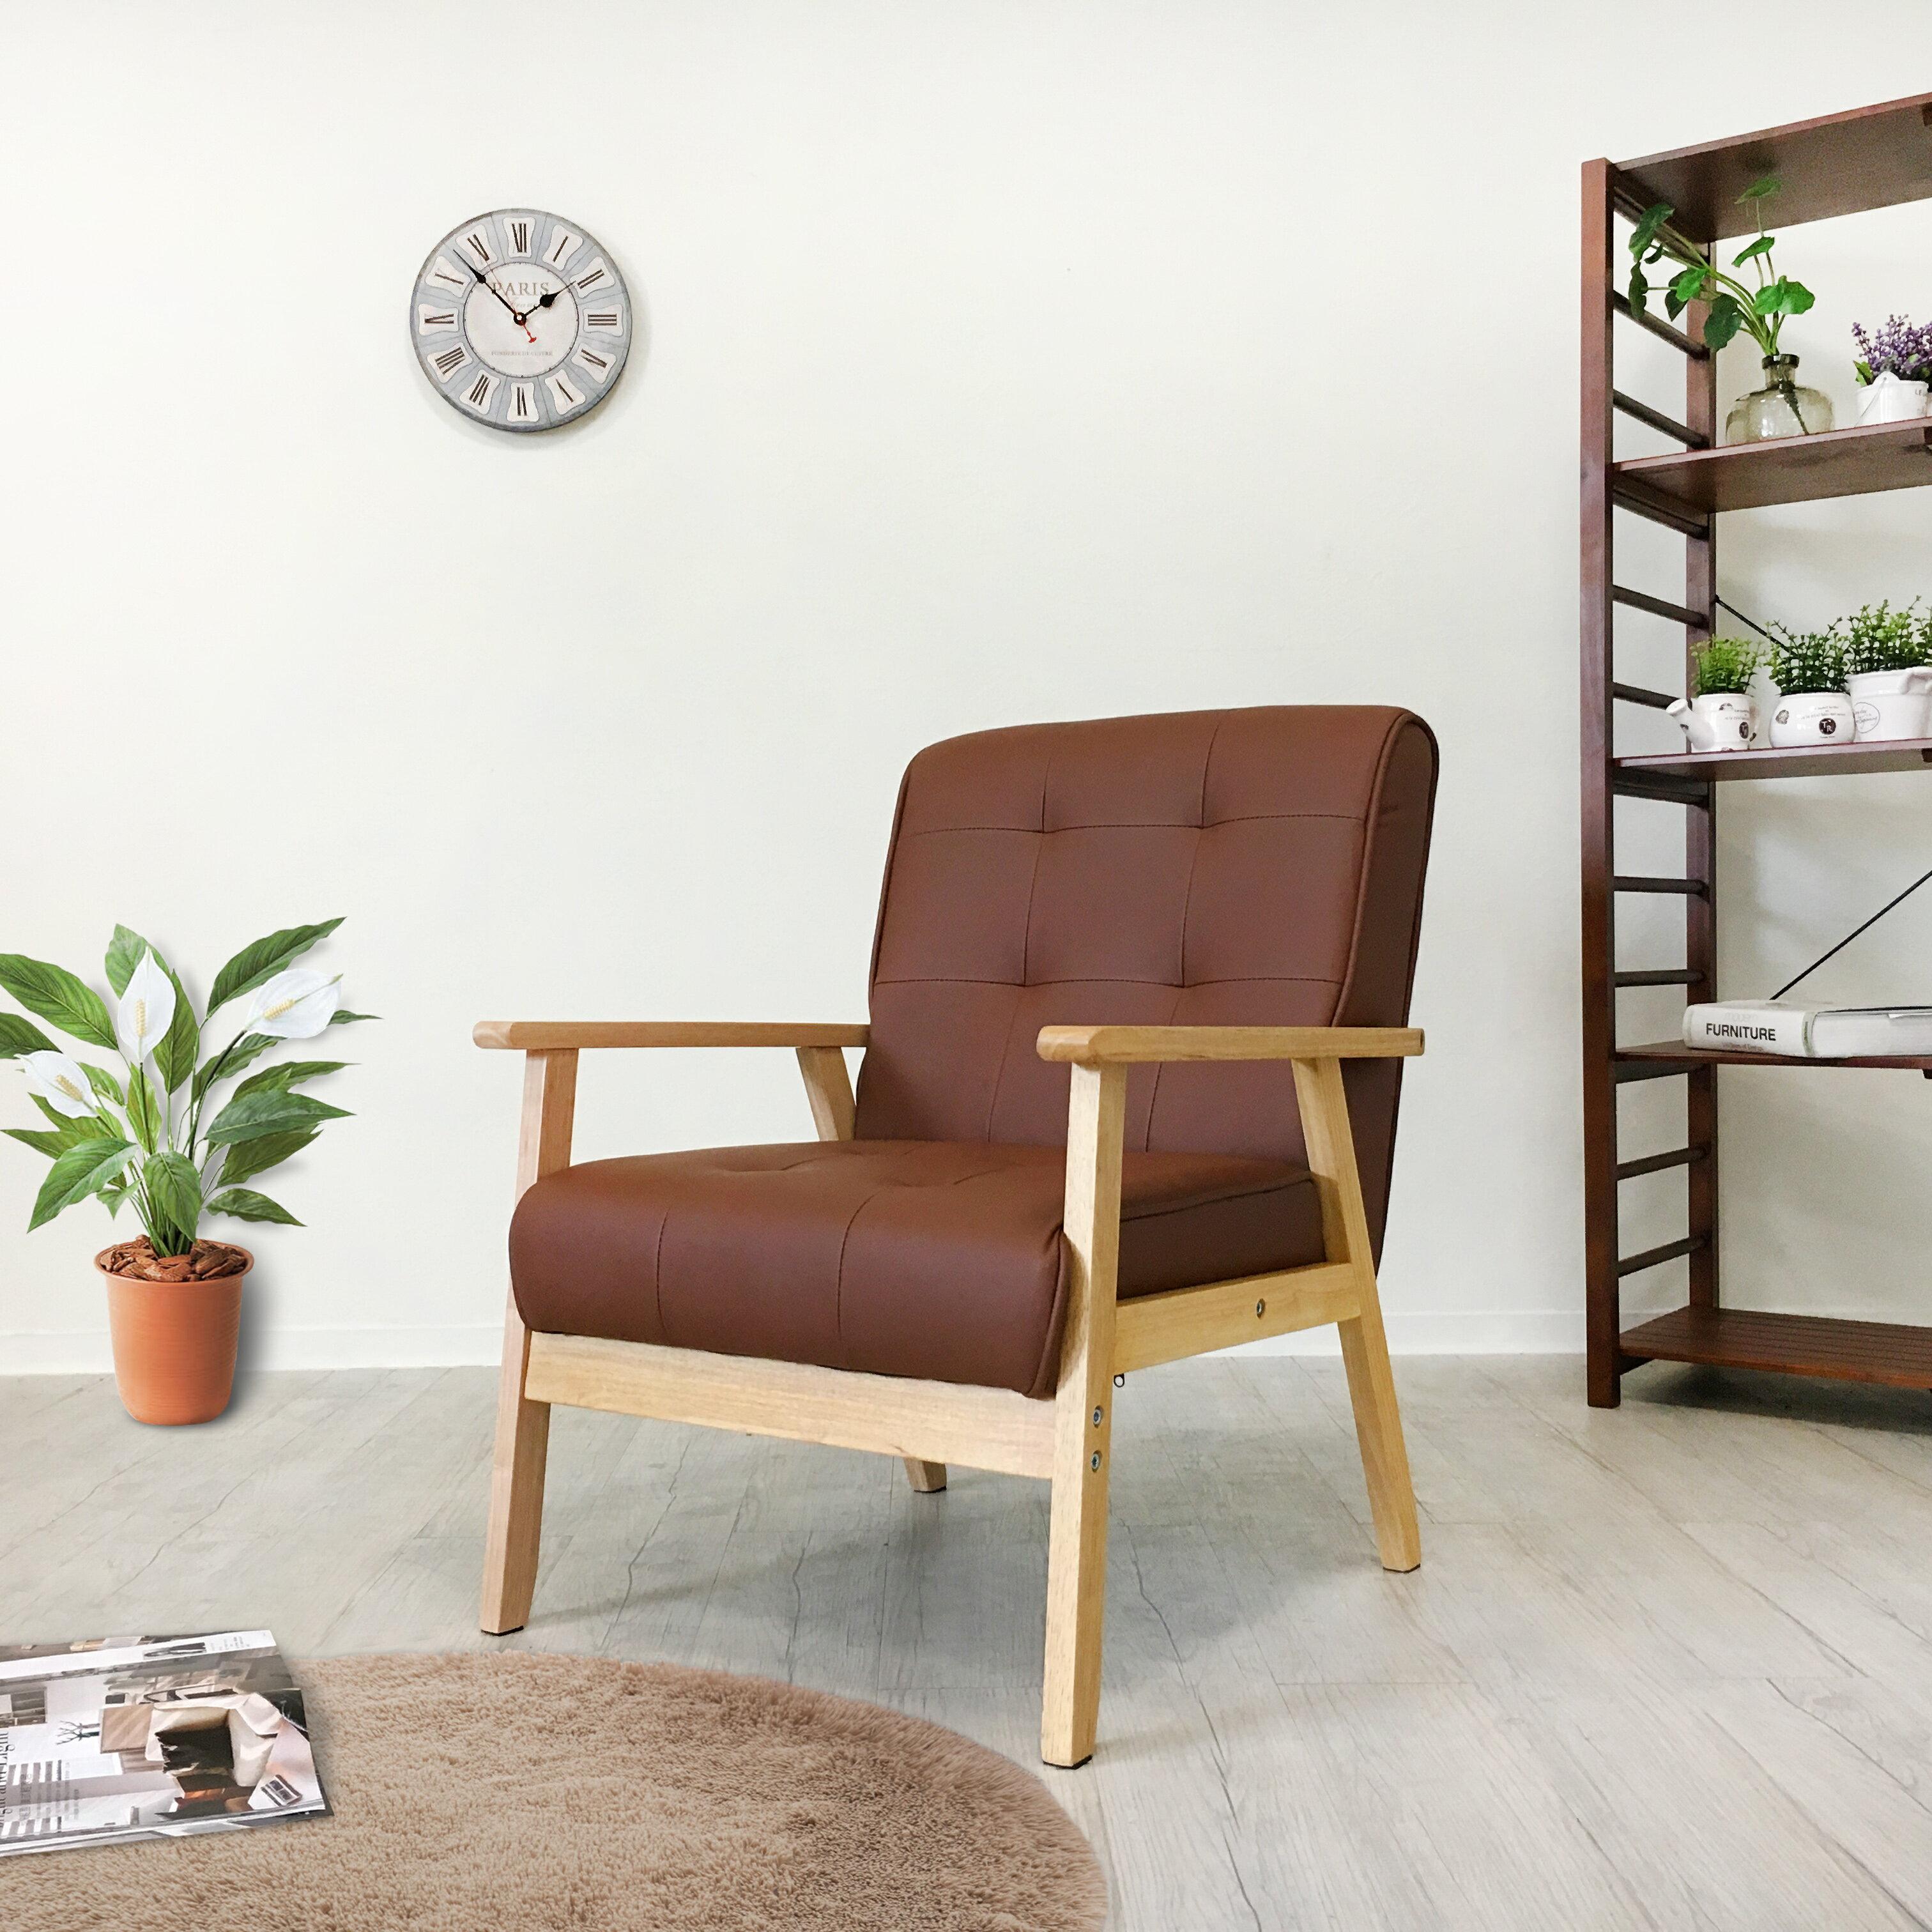 !新生活家具! 現貨 三天內出貨《悠閒午後》咖啡 單人沙發 北歐風 實木扶手 皮沙發 布沙發 五色可選